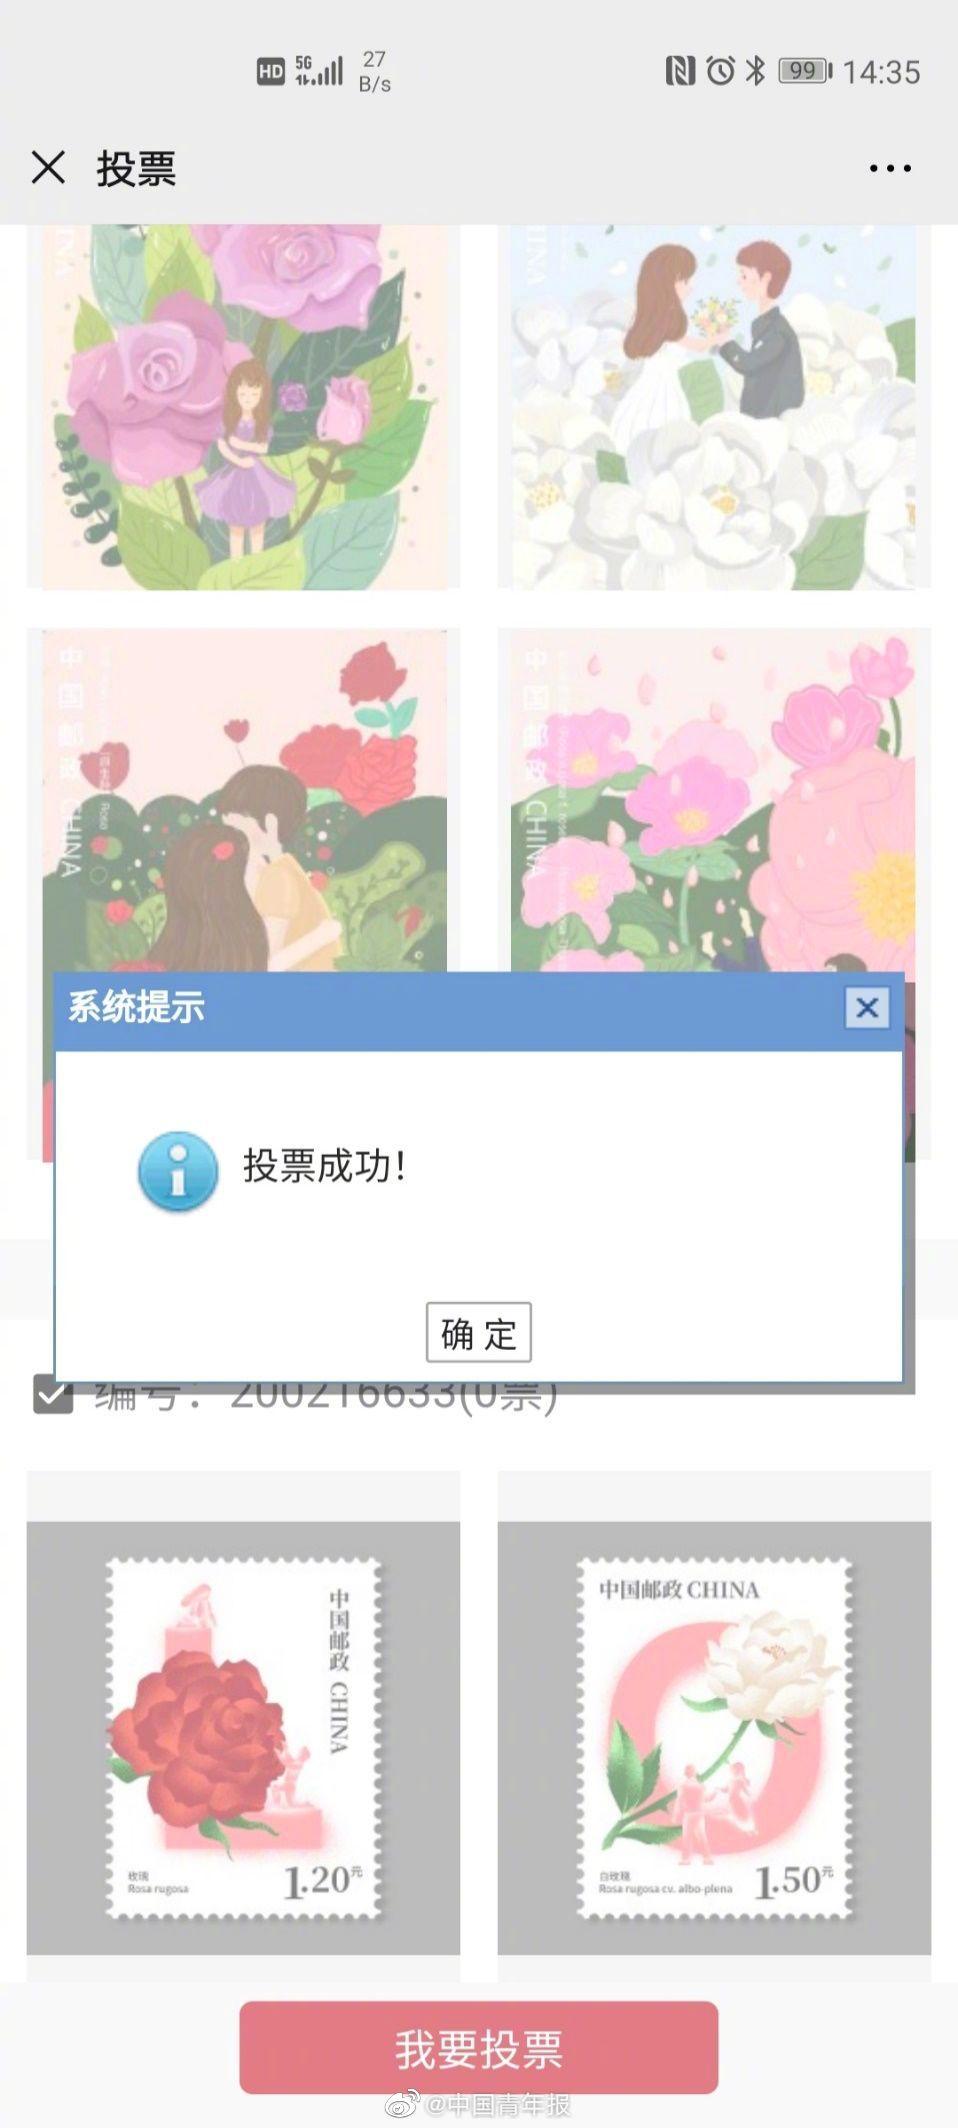 """""""520玫瑰邮票图稿设计大赛""""网络投票开始啦!共同期盼花开疫散"""